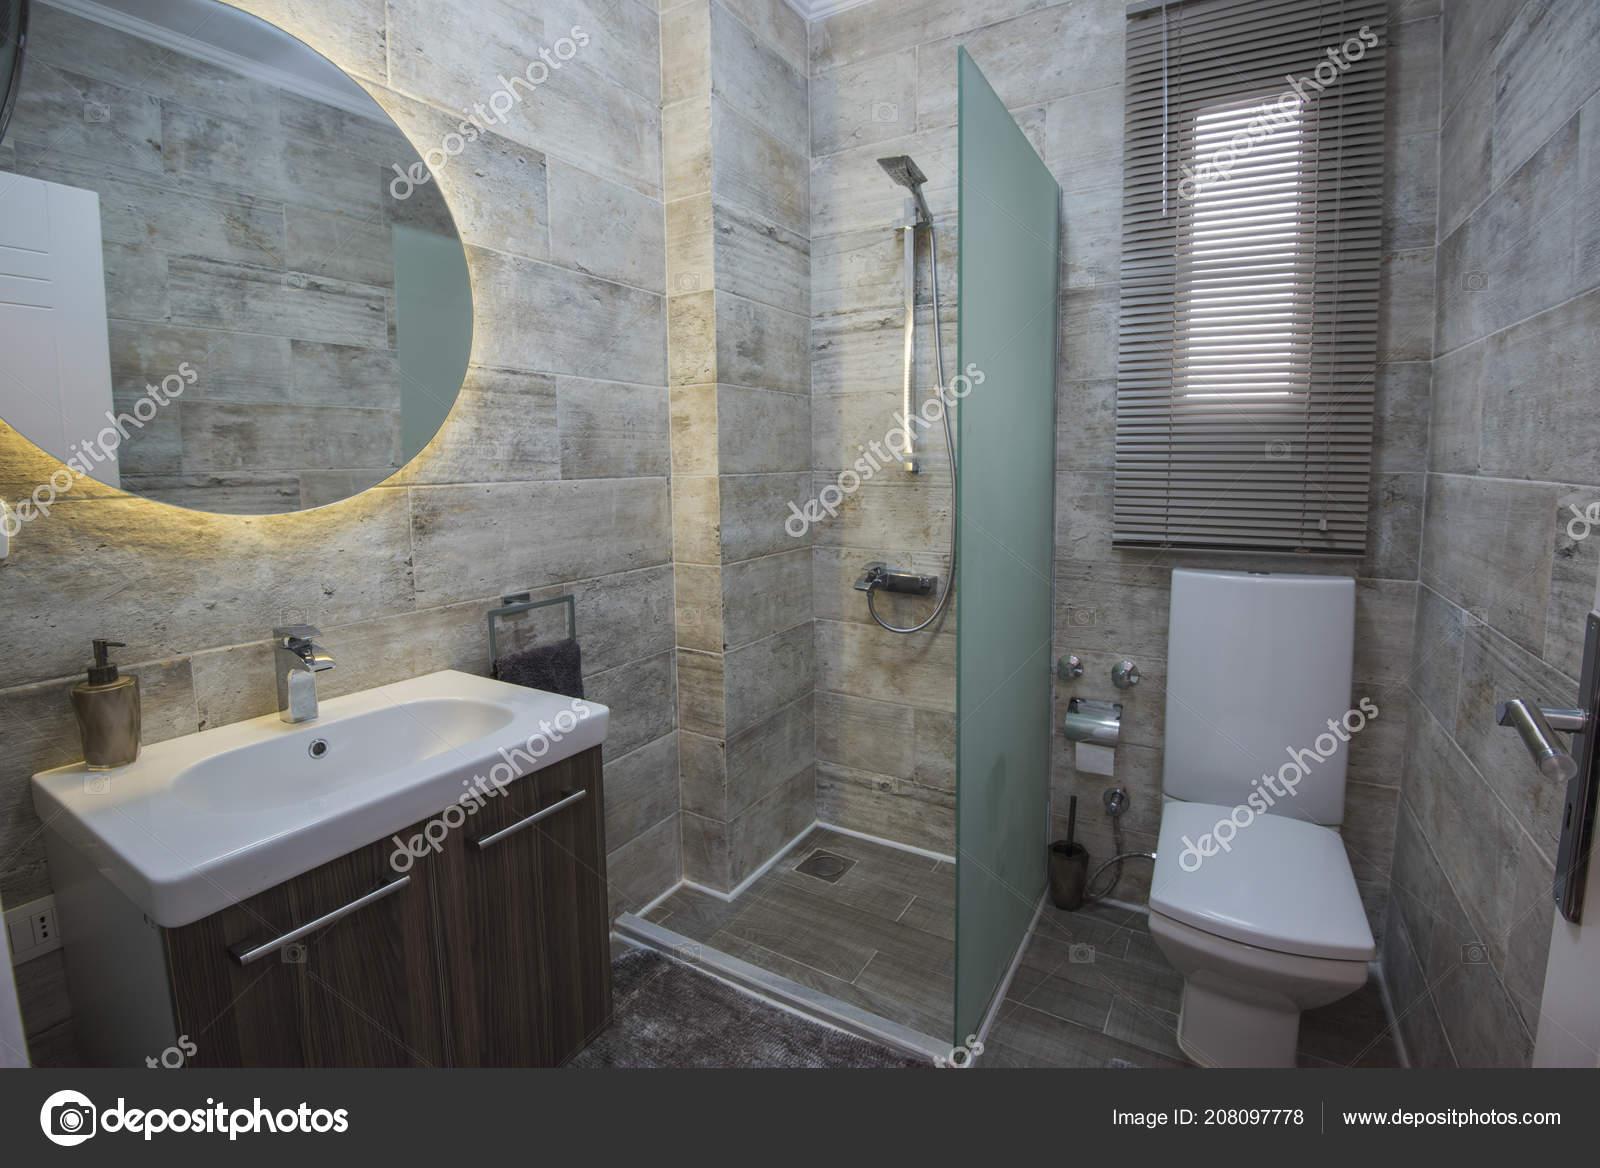 Diseño Interiores Lujo Mostrar Casa Cuarto Baño Con Cabina Ducha ...